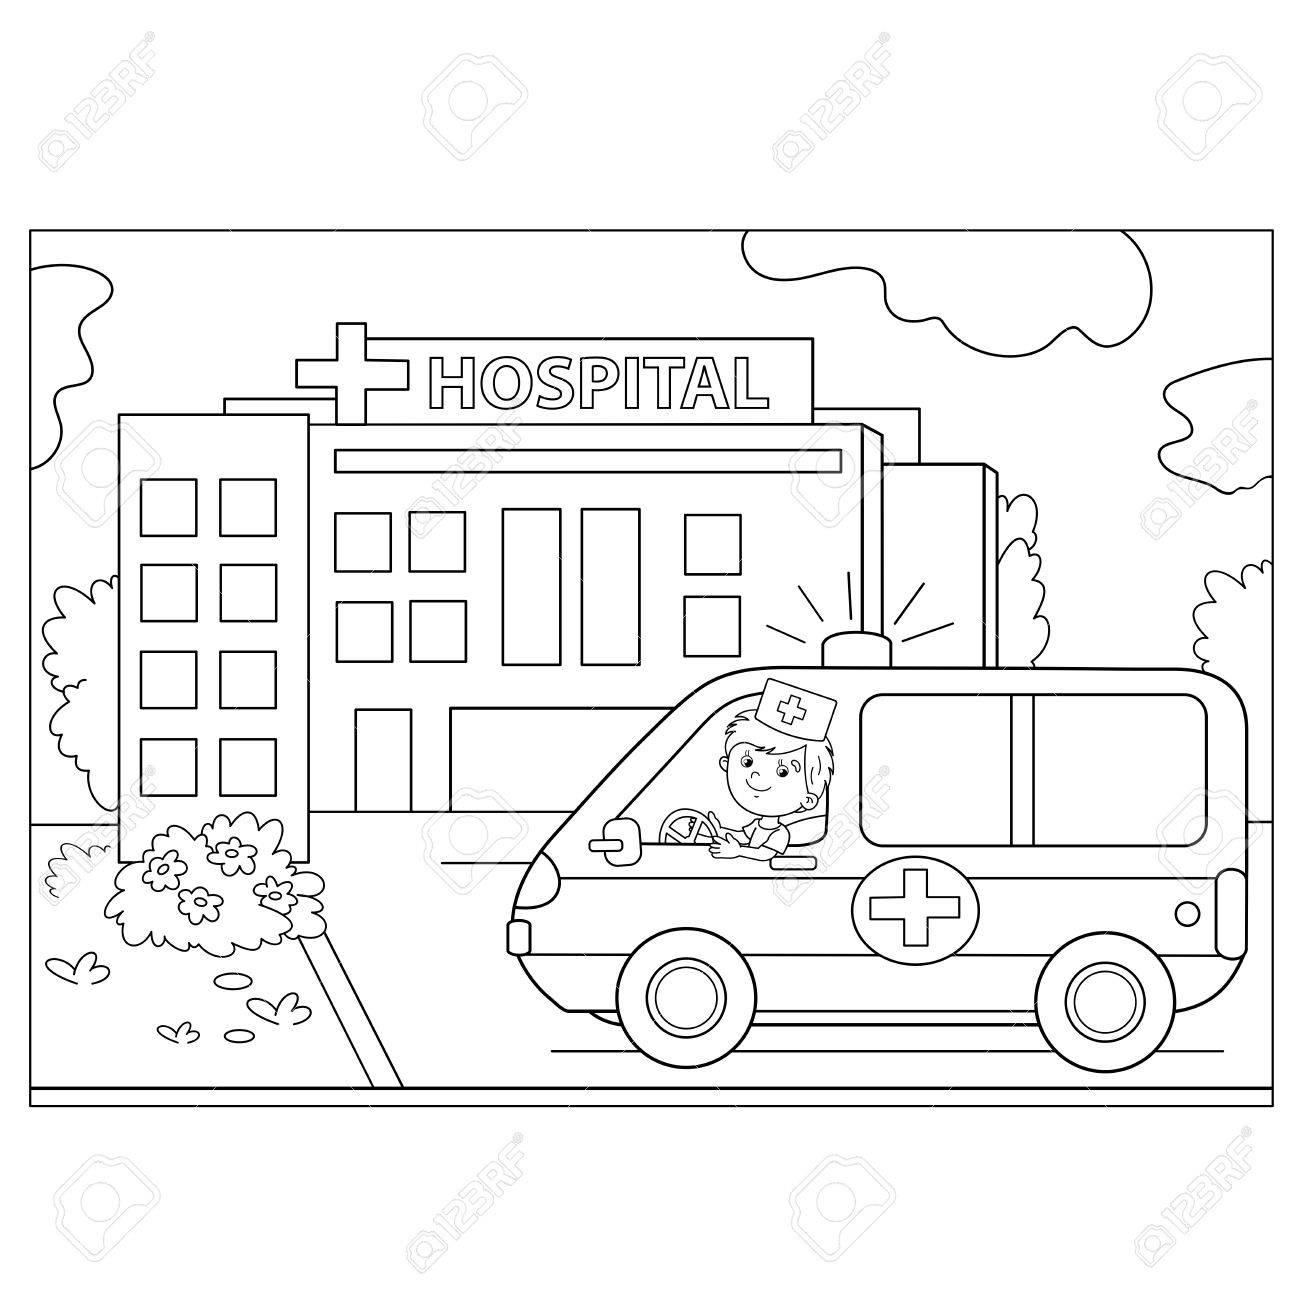 Coloring Page Outline De Medecin De Bande Dessinee Avec Voiture D Ambulance Pres De L Hopital Metier Medicament Livre A Colorier Pour Les Enfants